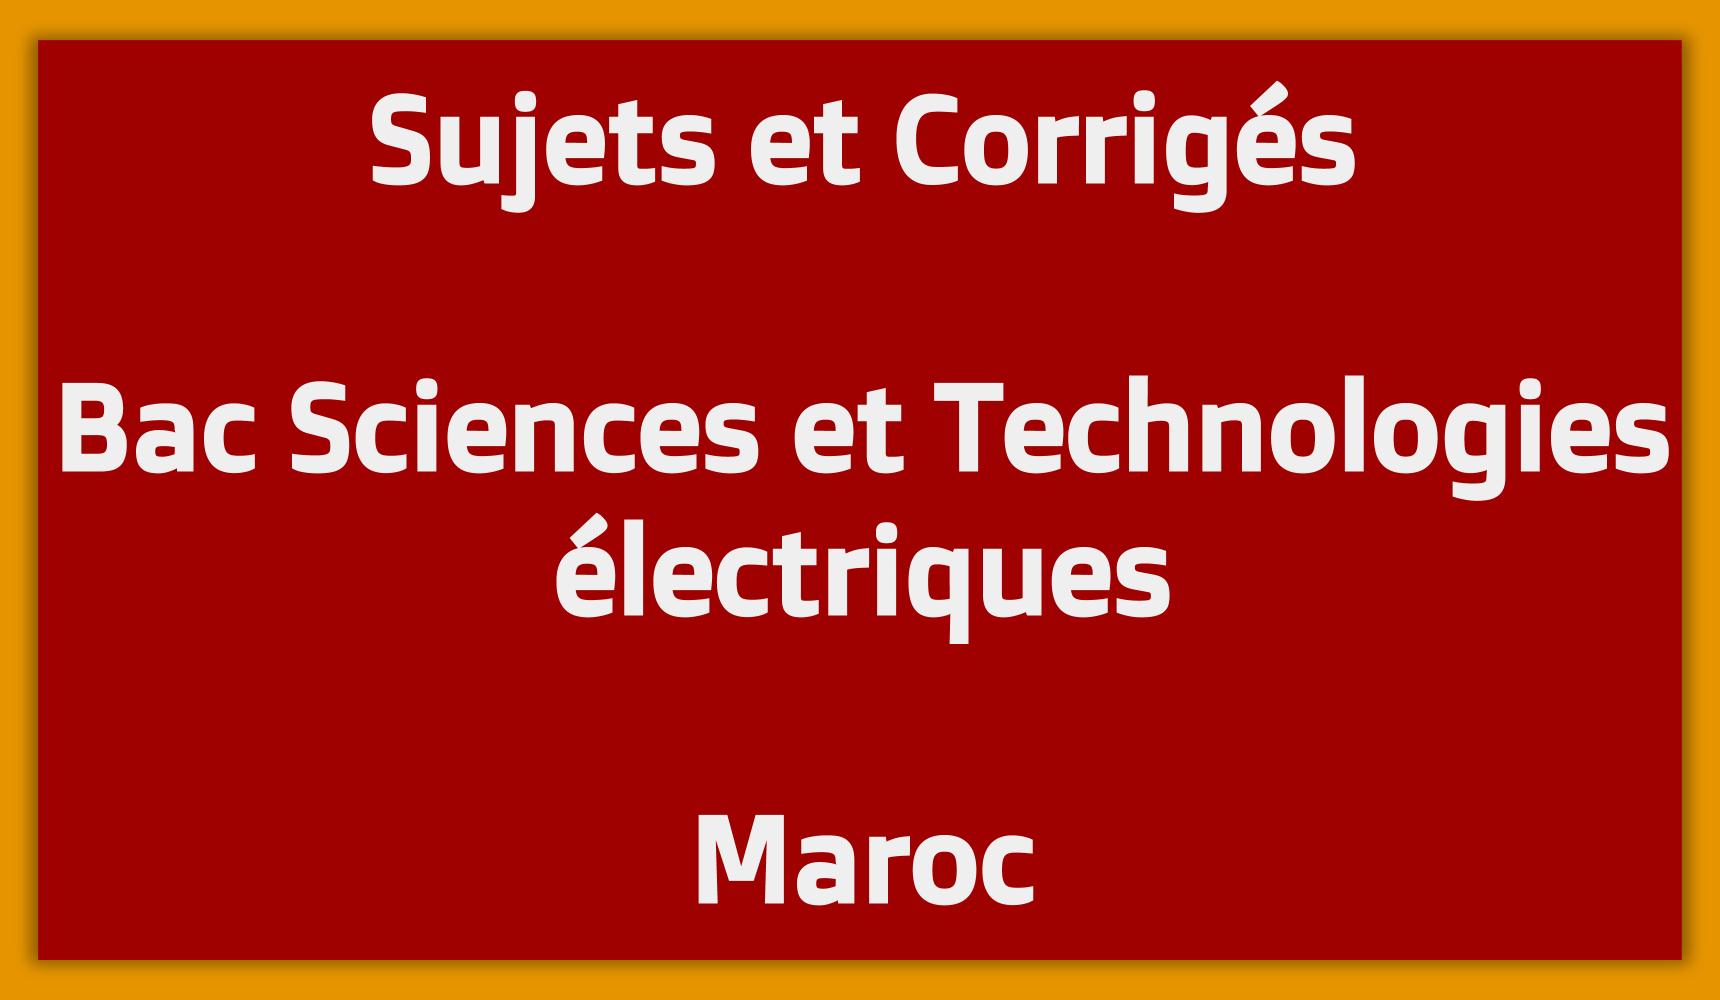 Sujets Corrigés Bac Sciences et Technologies électriques Maroc